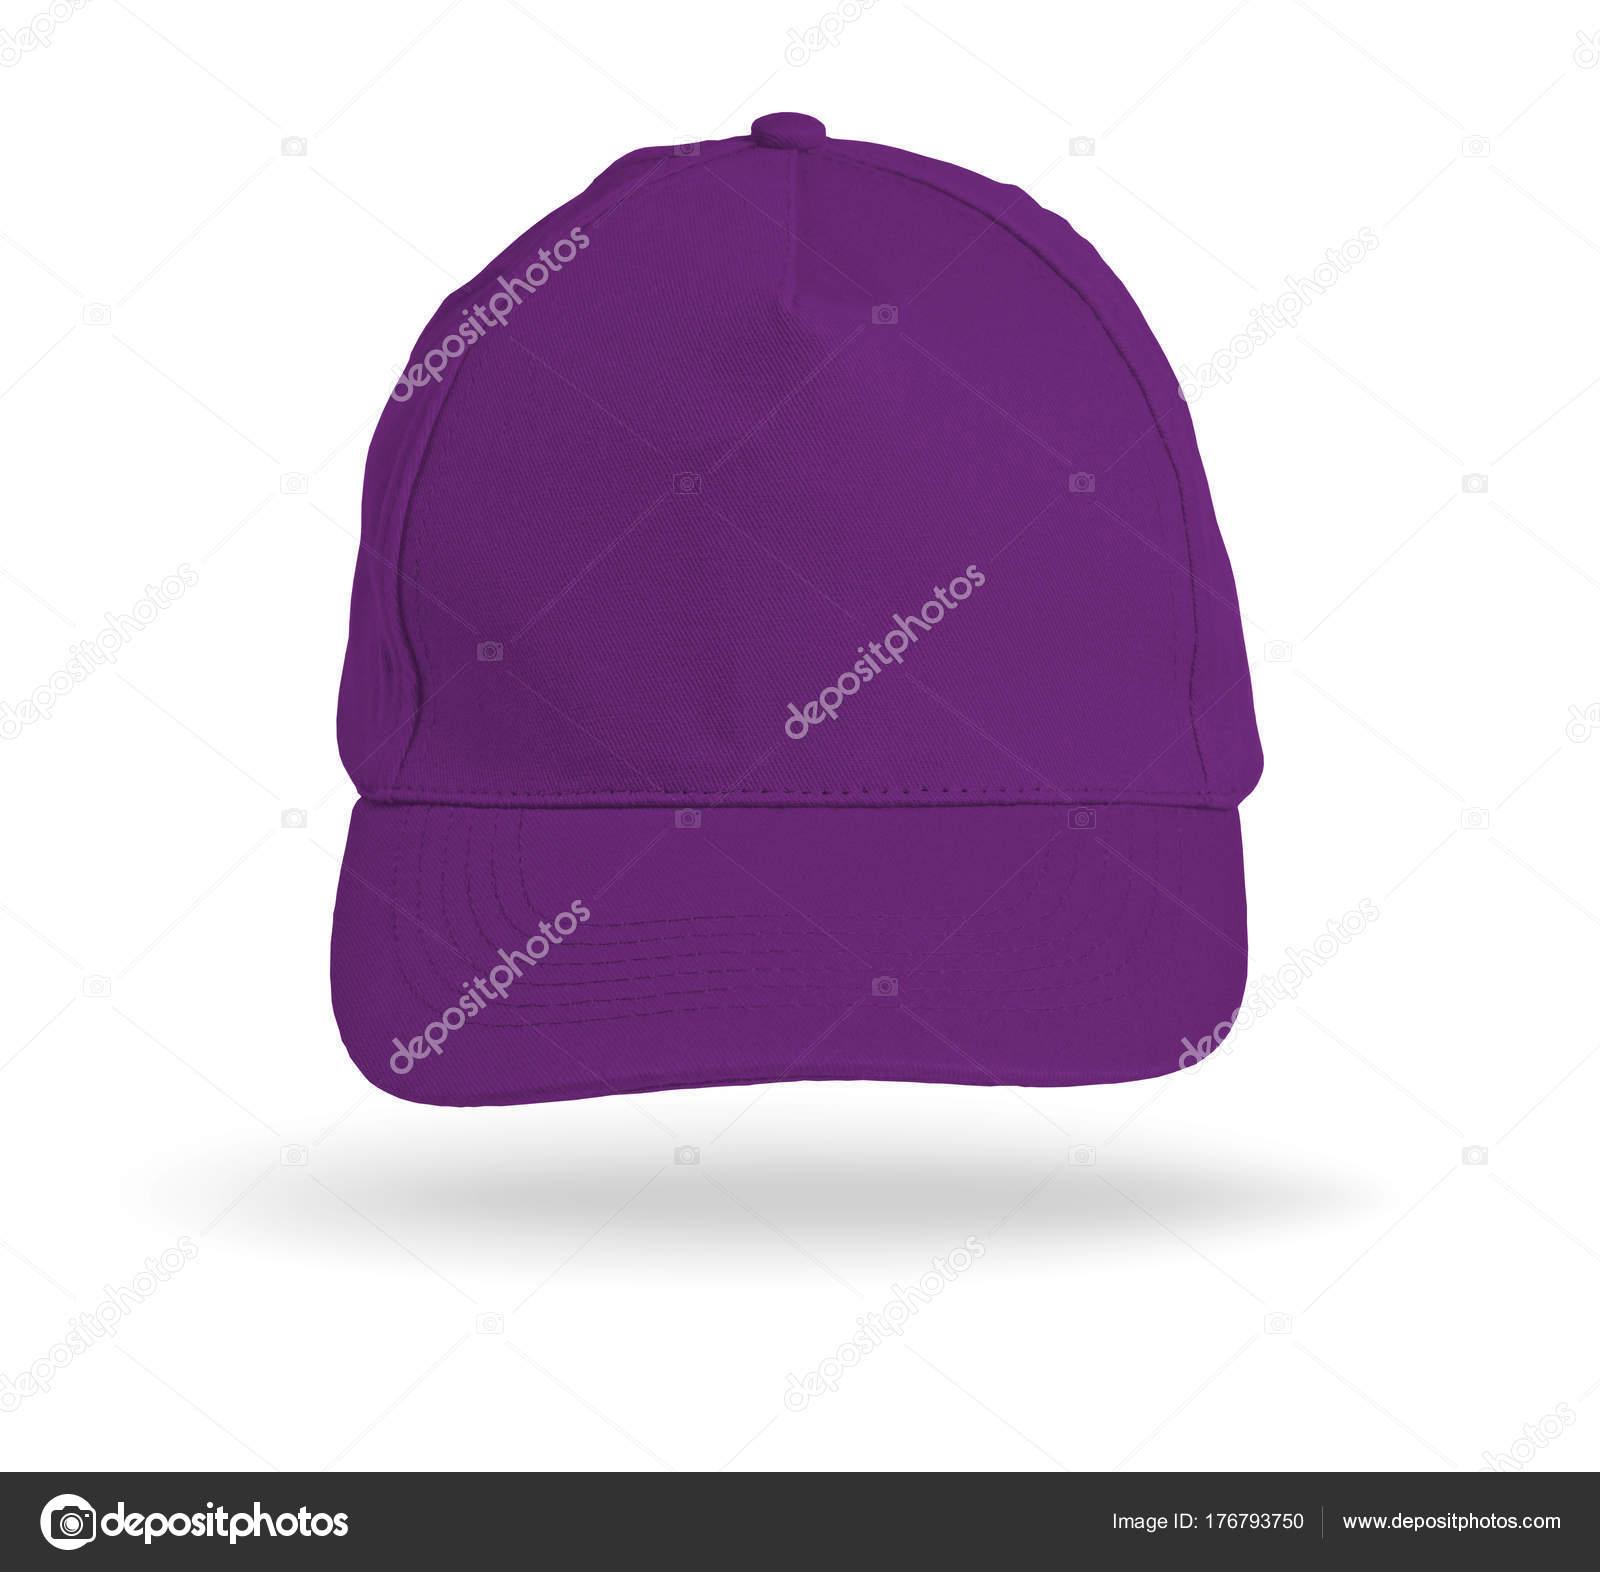 a44012b1f5ce1 Gorra de béisbol color púrpura sobre un fondo blanco — Foto de Stock